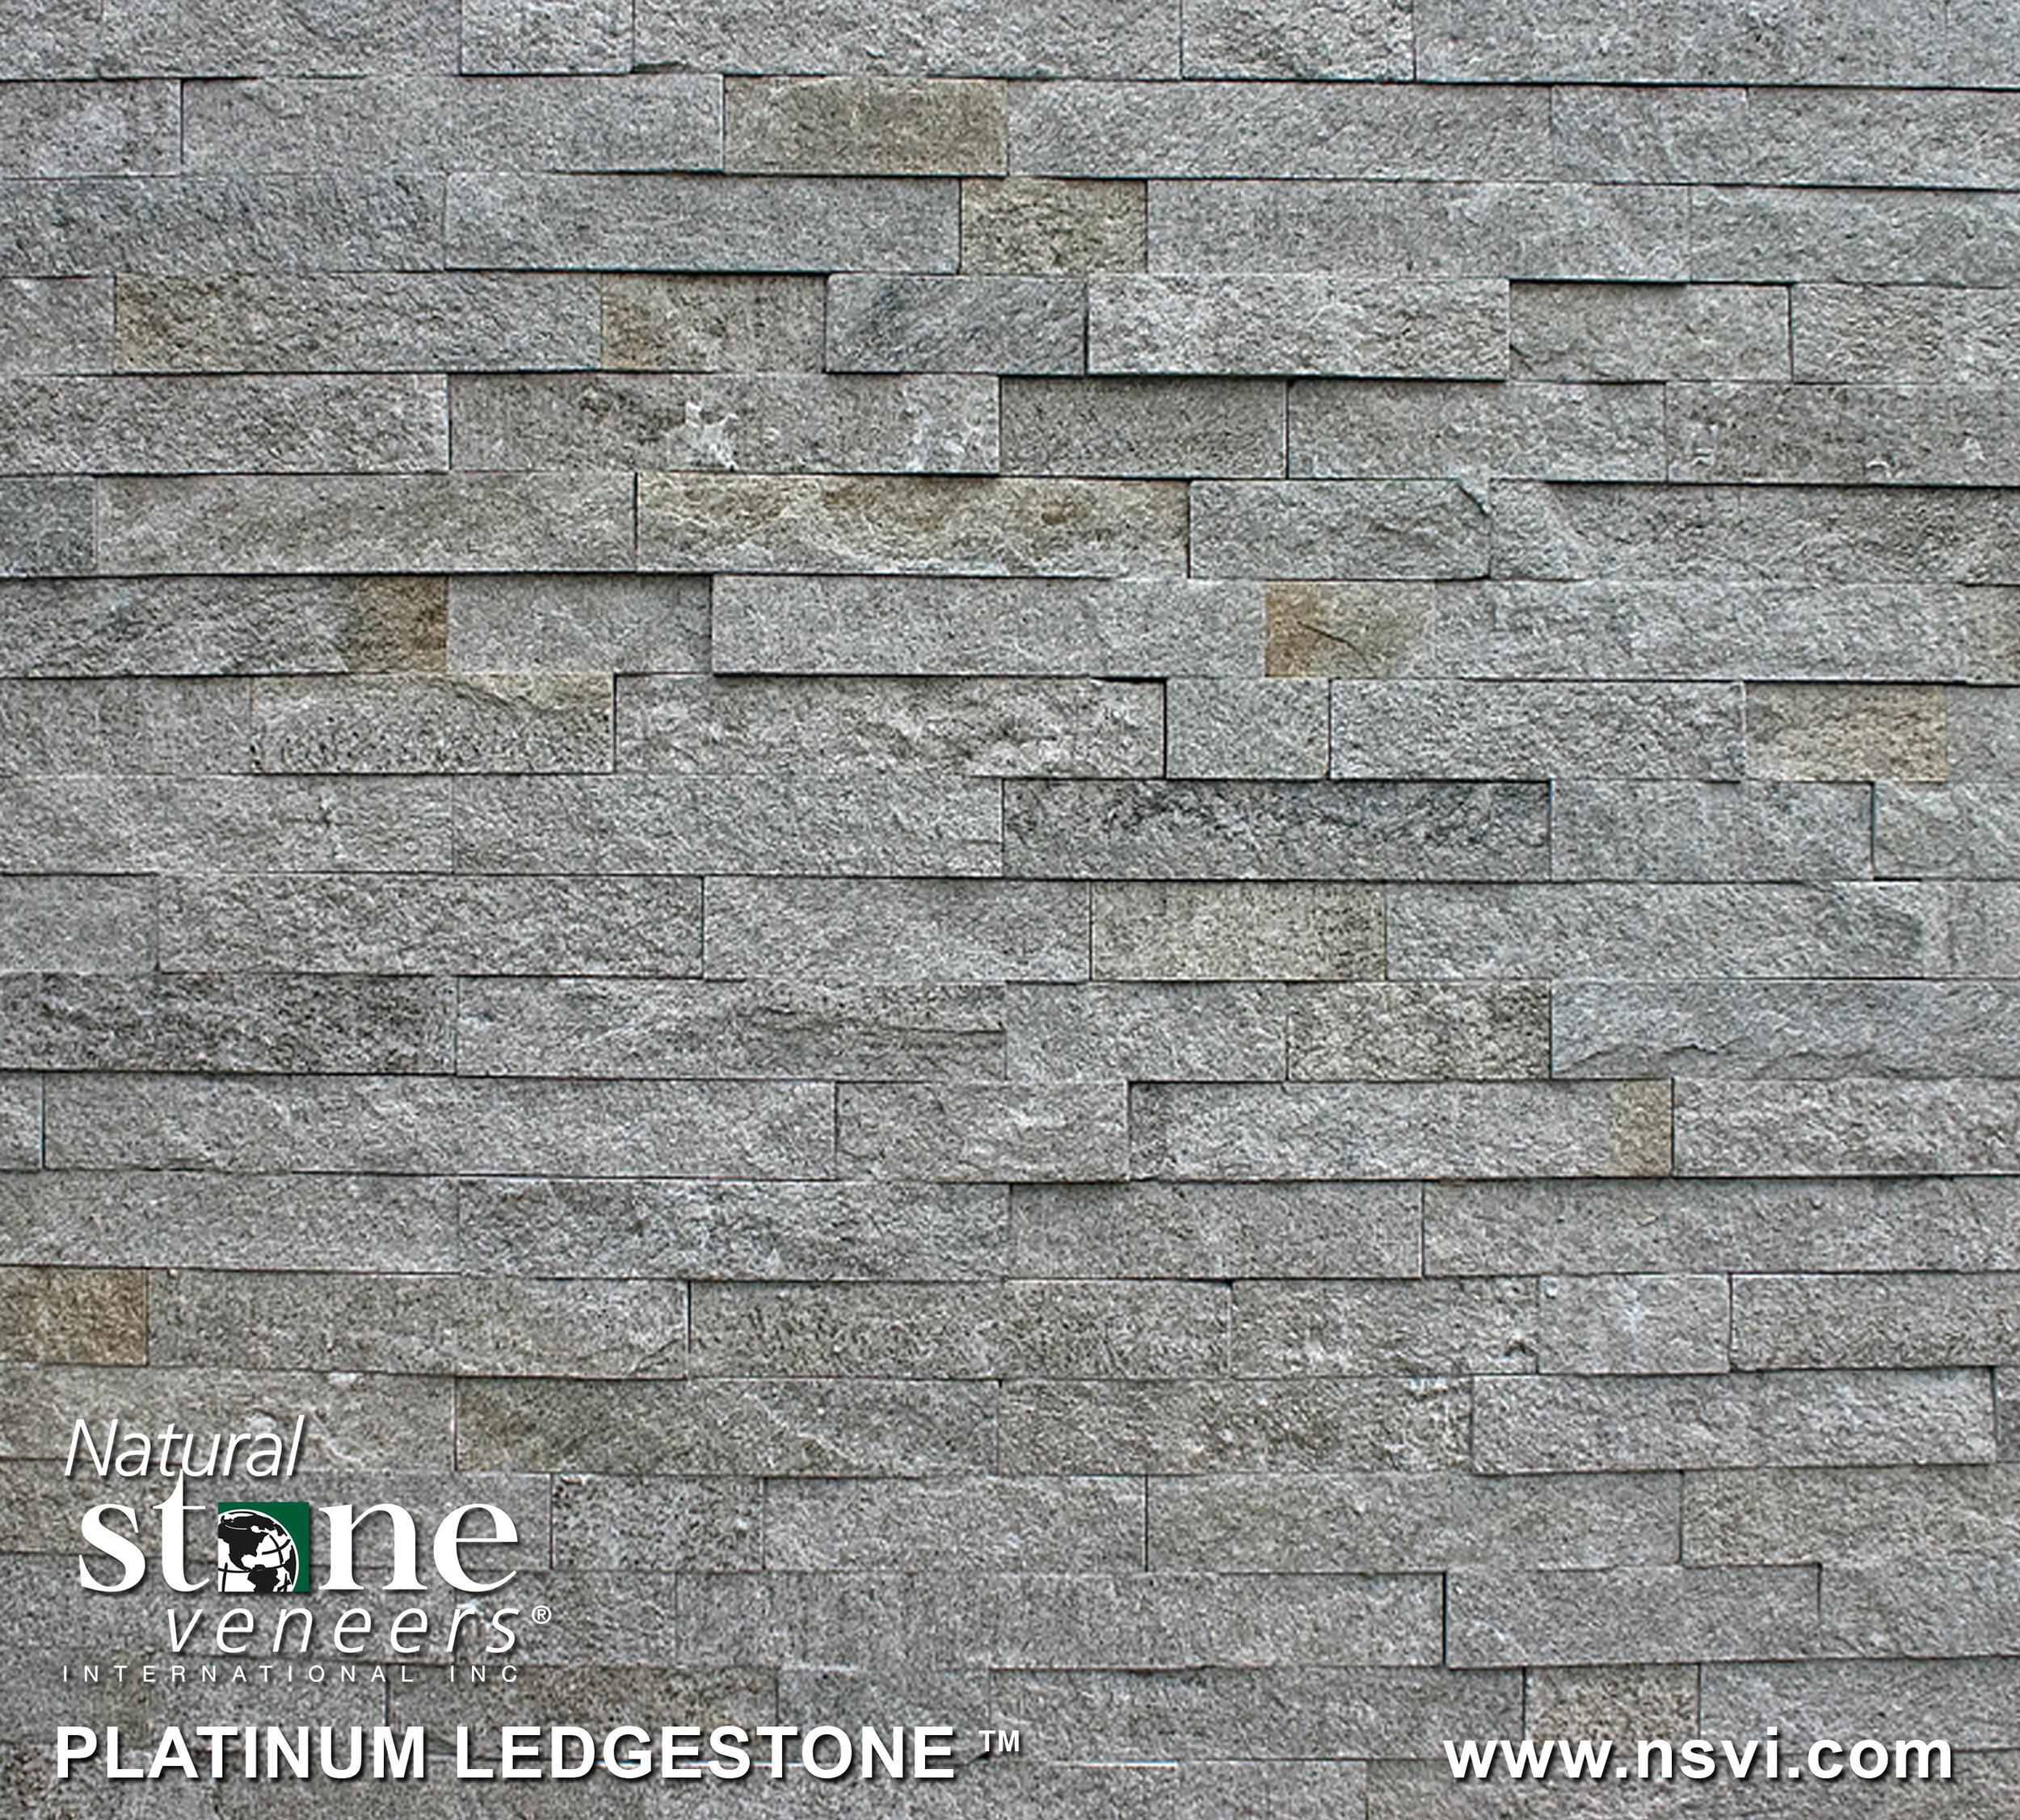 Platinum Ledgestone